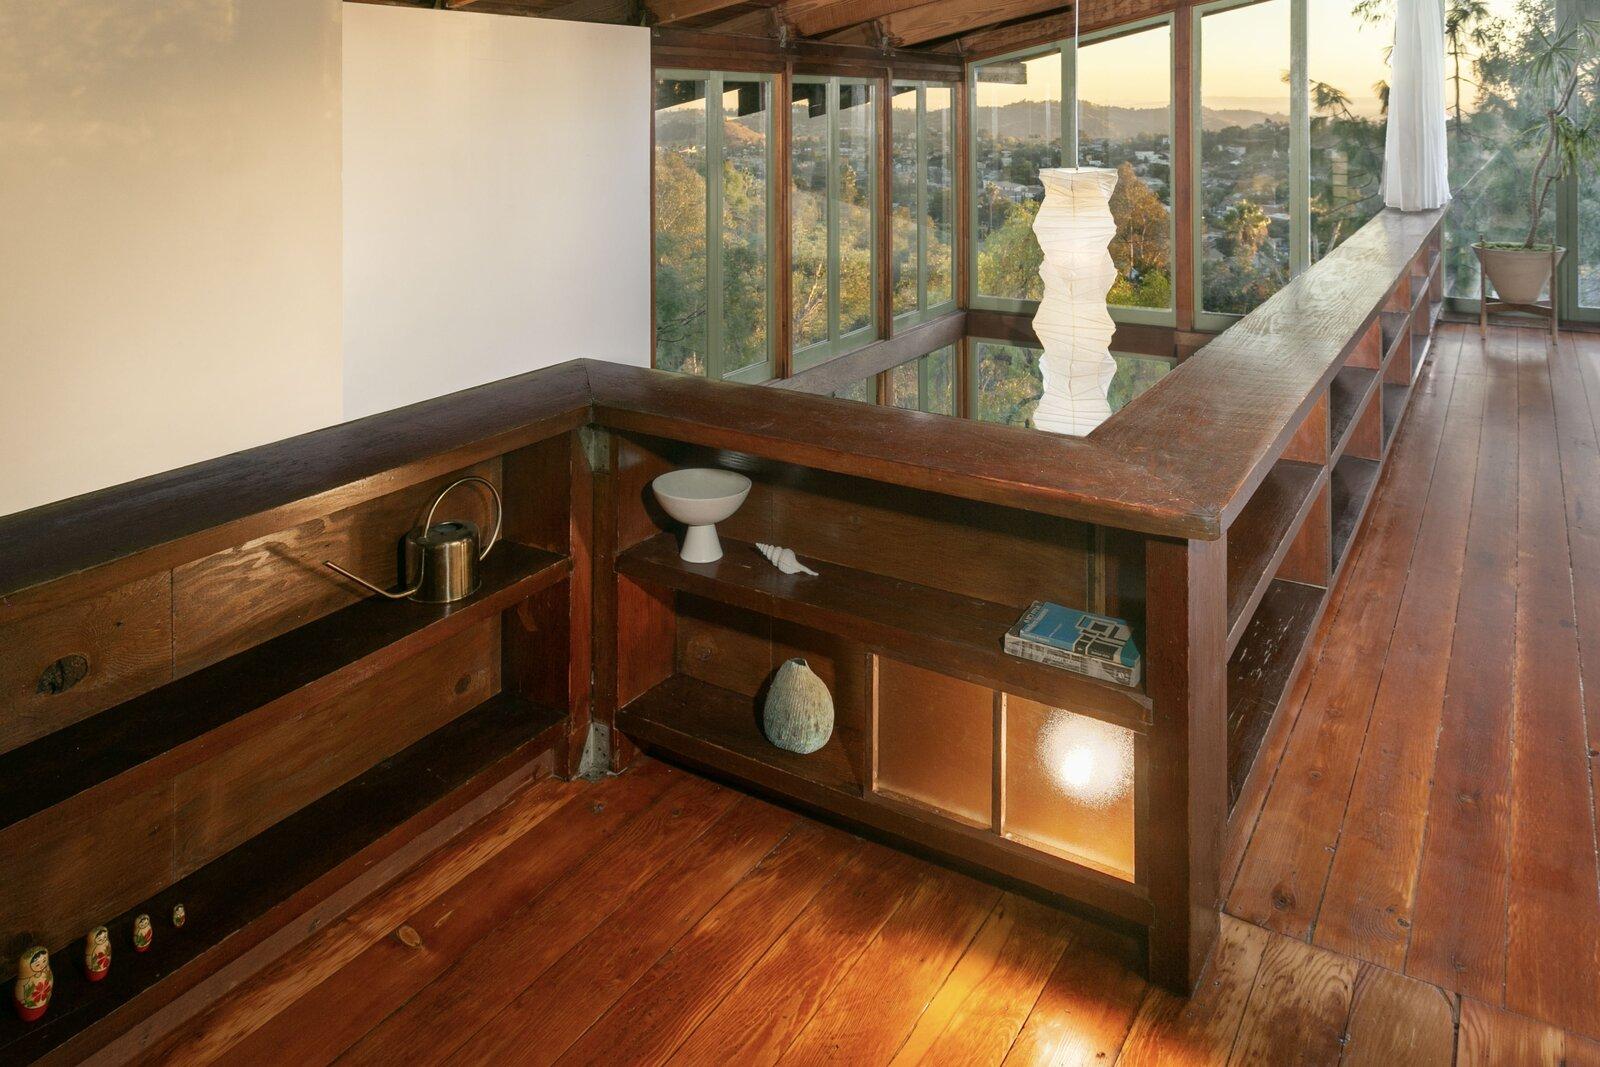 Tầng trên gác lửng nhìn ra khu sinh hoạt chung. Giá đỡ tích hợp tạo đường nét cho không gian, bổ sung cho sàn gỗ linh sam Douglas đã được tinh chỉnh lại. Ảnh 8 trong tổng số 16 với giá 1,55 triệu đô la Mỹ, Bức ảnh trung bình LA đã được khôi phục này Kỷ niệm Di sản bị lãng quên của Kiến trúc sư Jean G. Killion